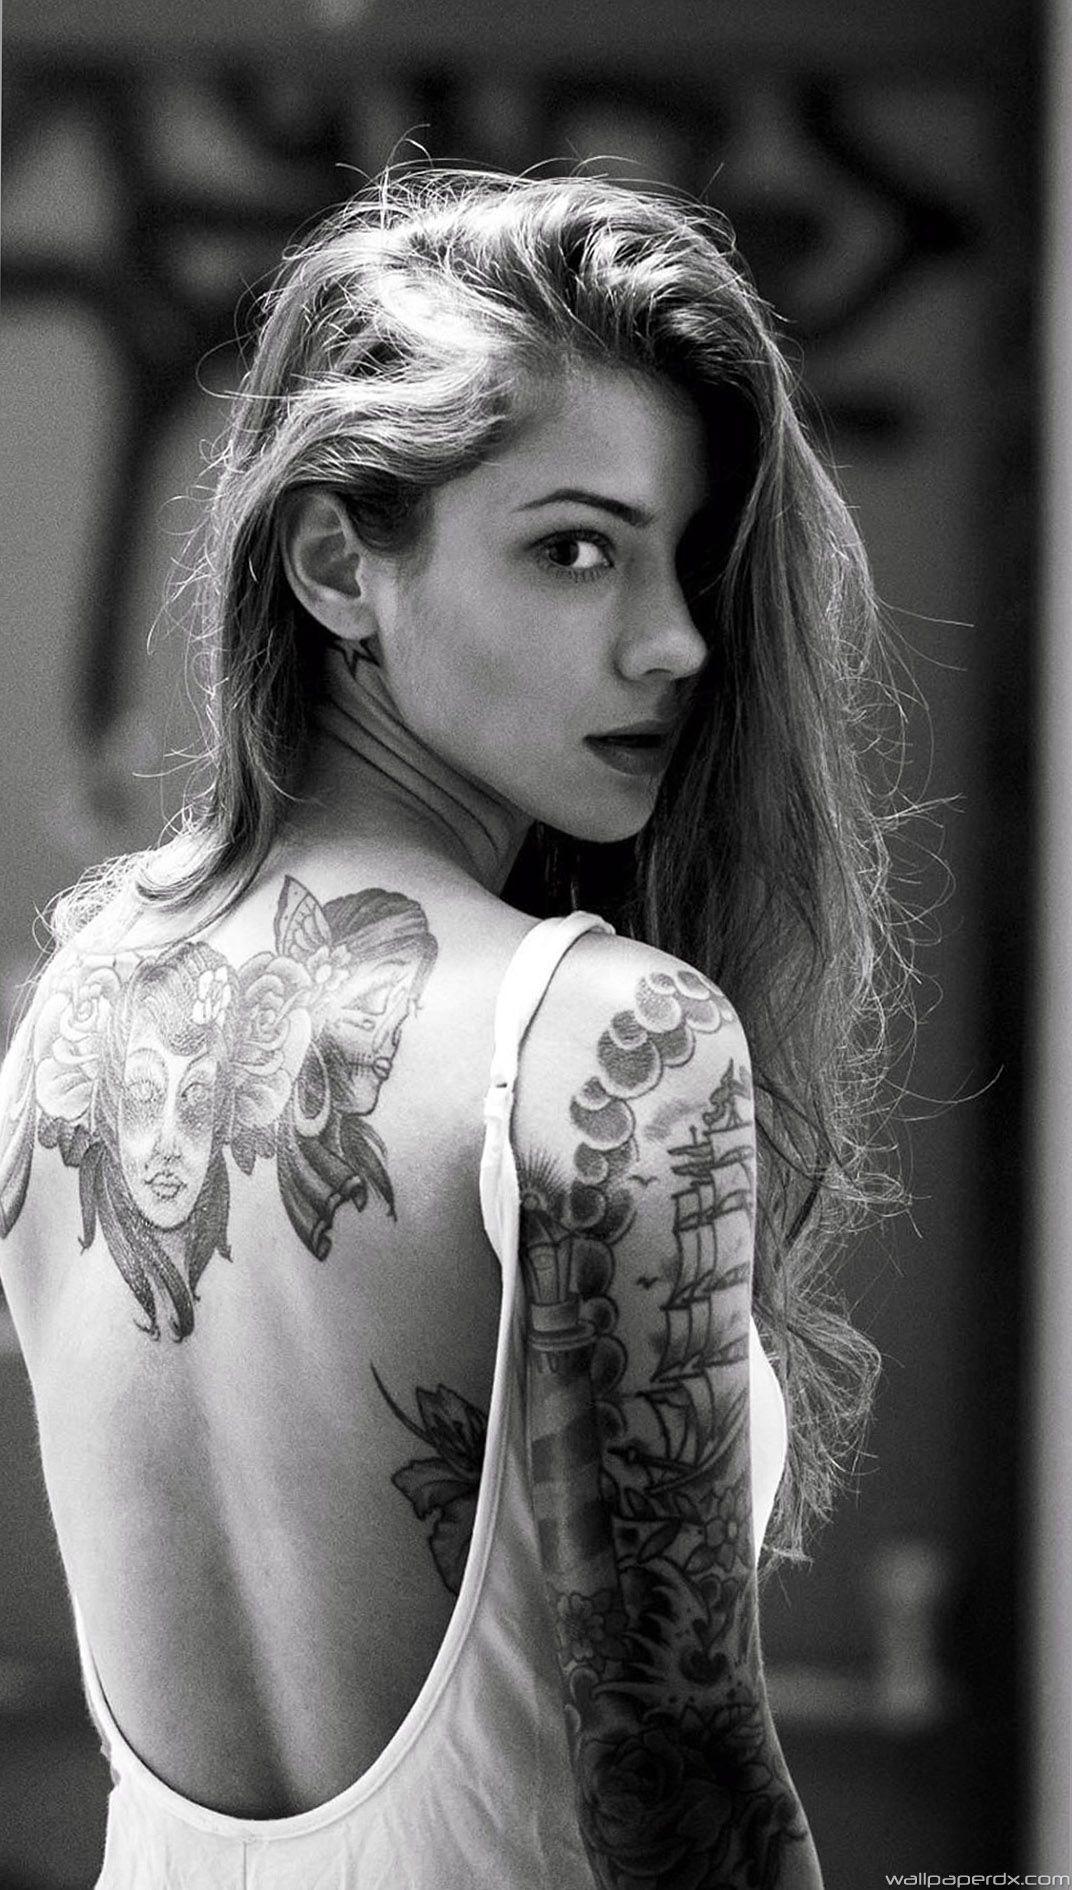 Cool Wallpaper For Girls Iphone 6 Wallpaper In 2020 Tattoo Girls Tattoo Rucken Hand Tattoos